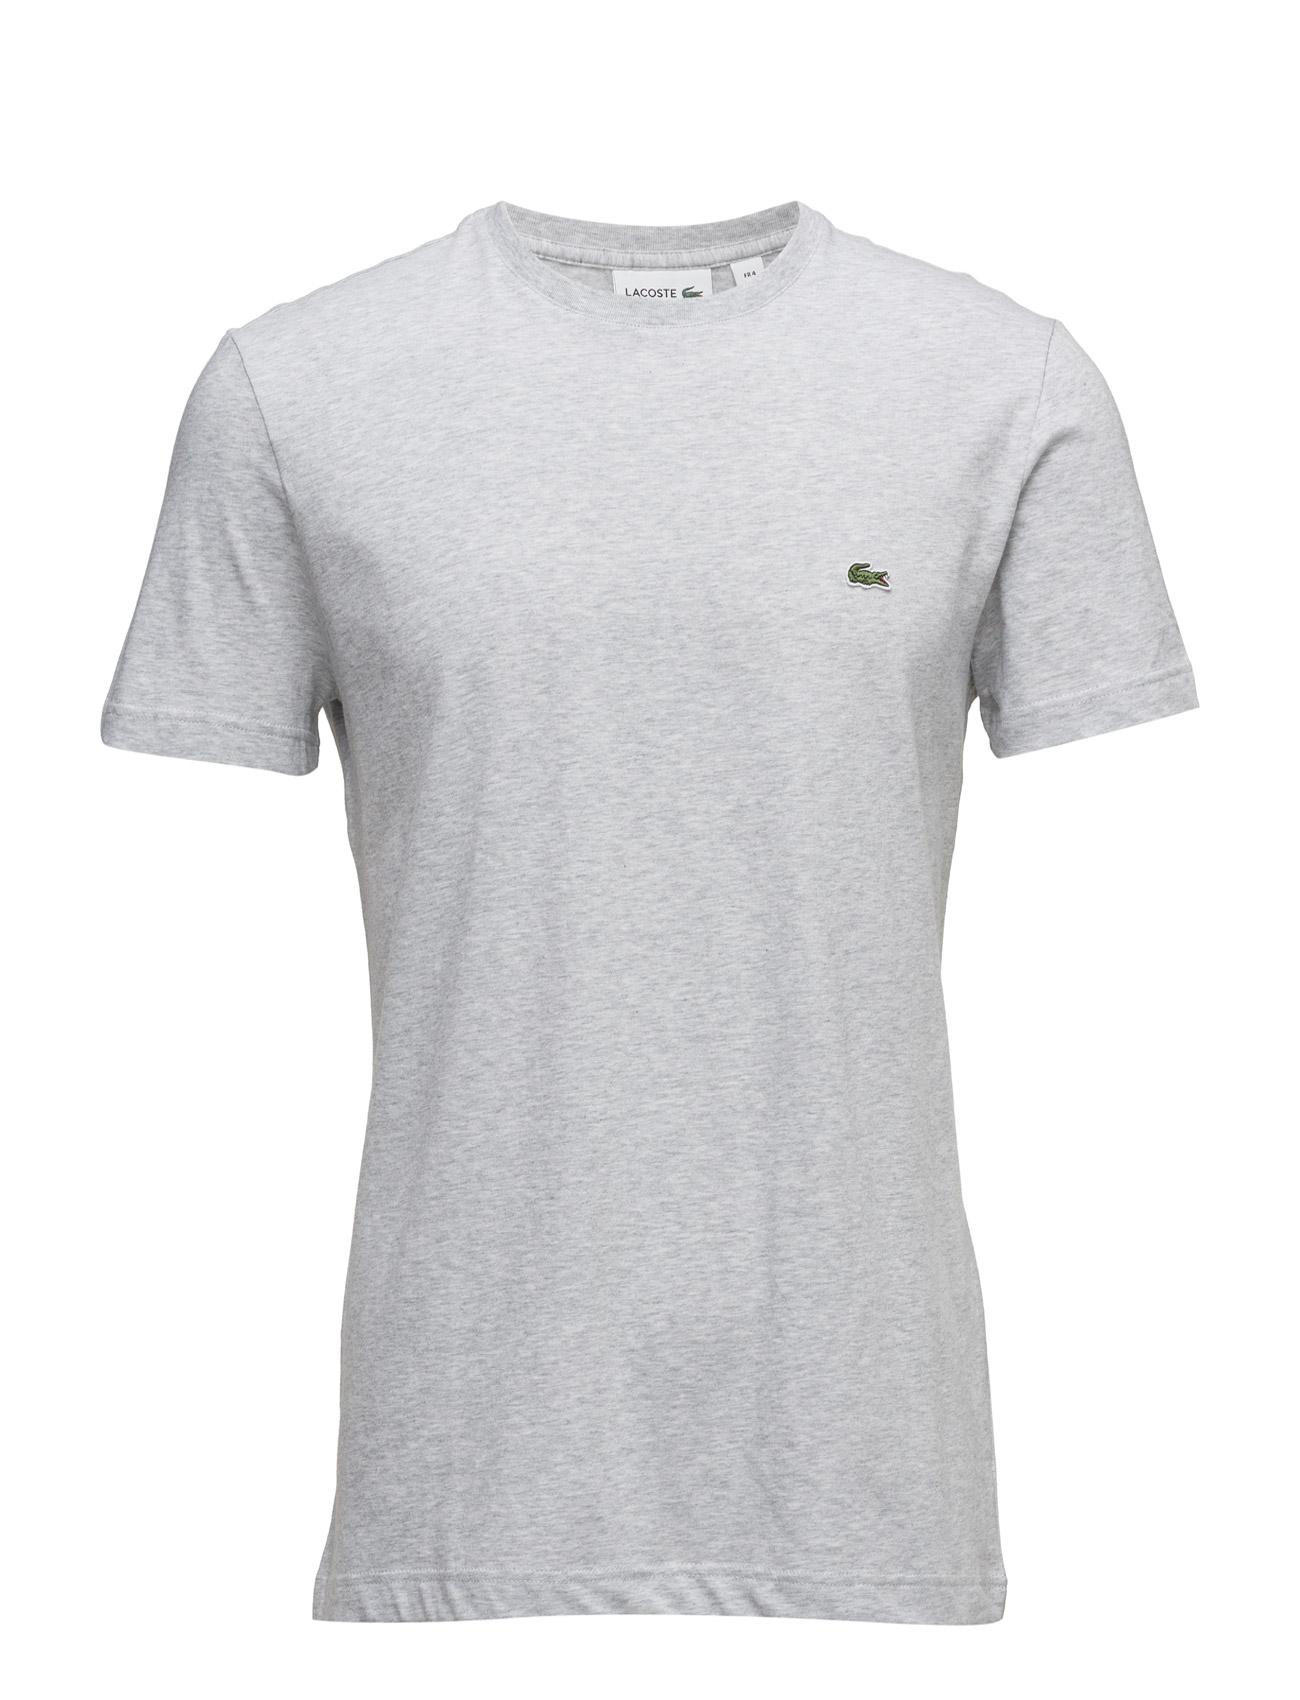 Tee-Shirt&Turtle Neck Lacoste T-shirts til Mænd i